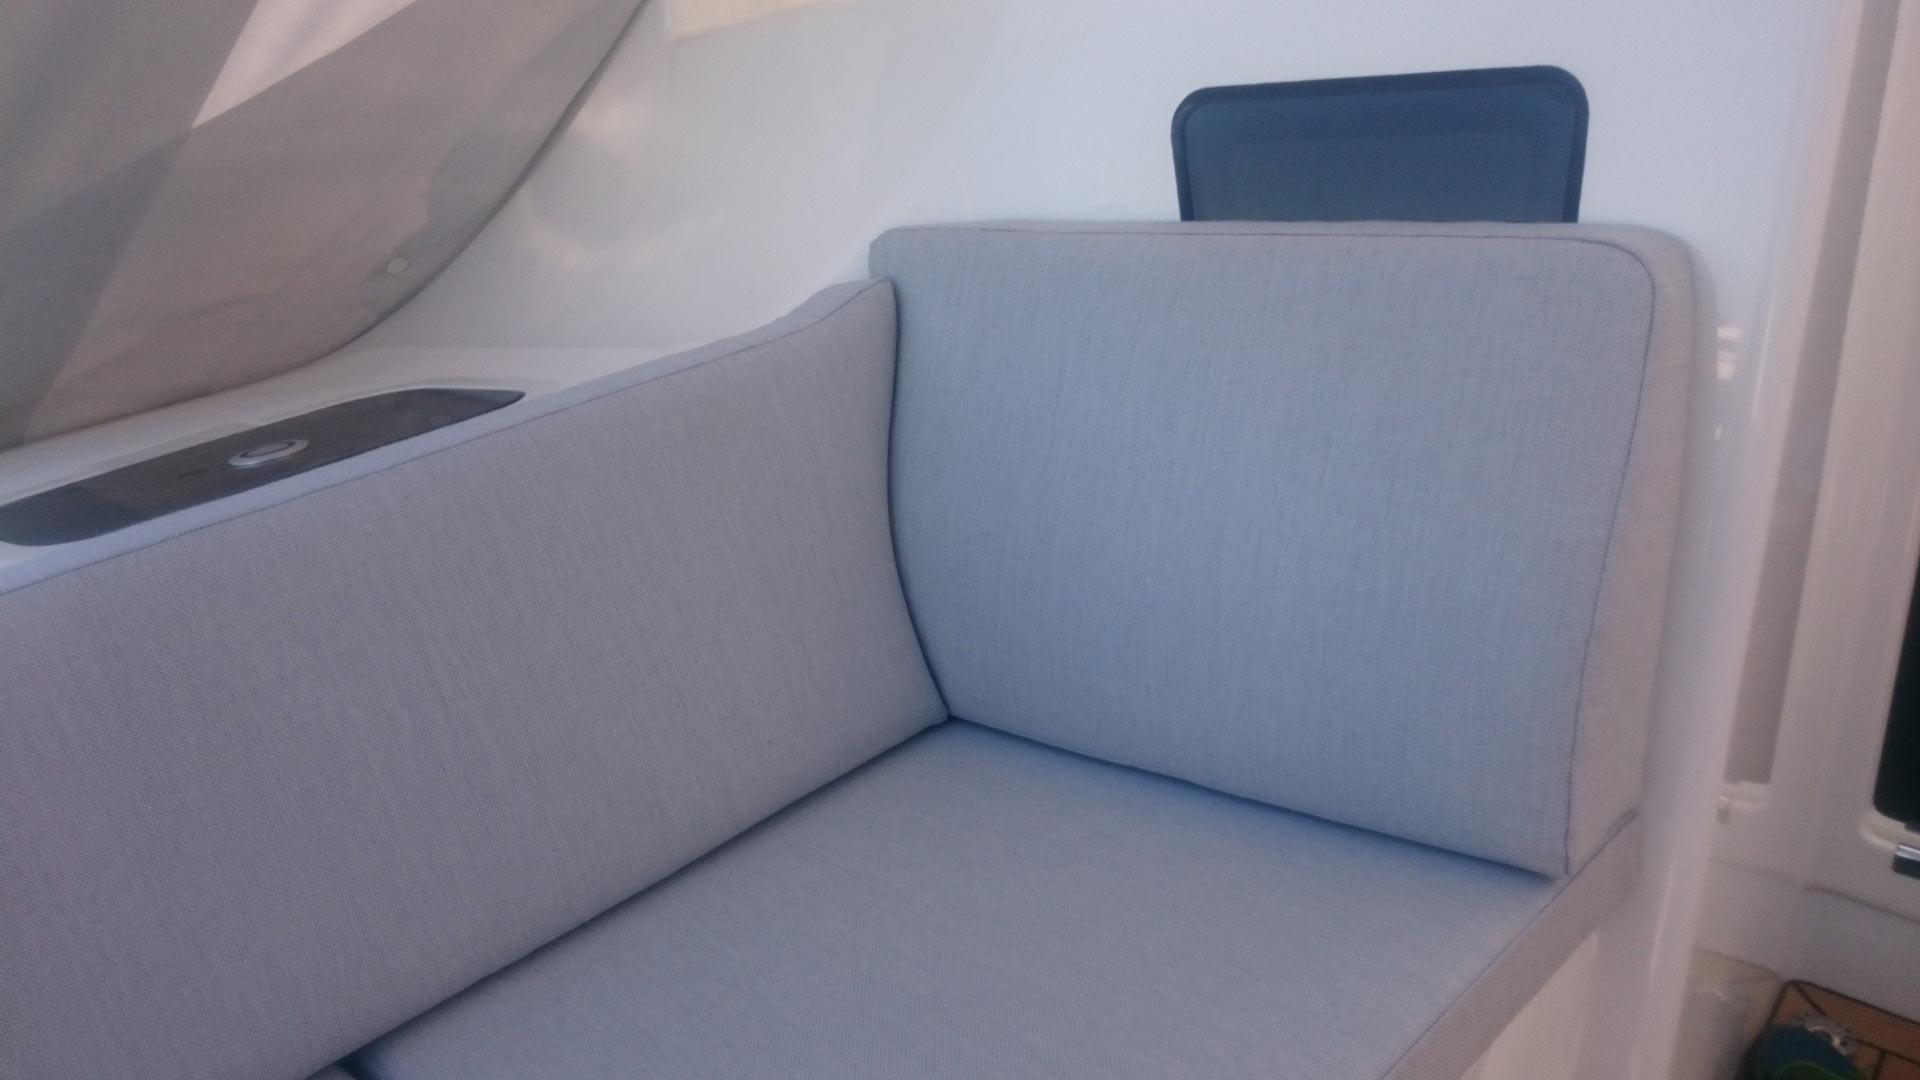 Deckspolster-fuer-Segelyacht-mit-Rueckenlehne-und-angeformten-Seitenkissen